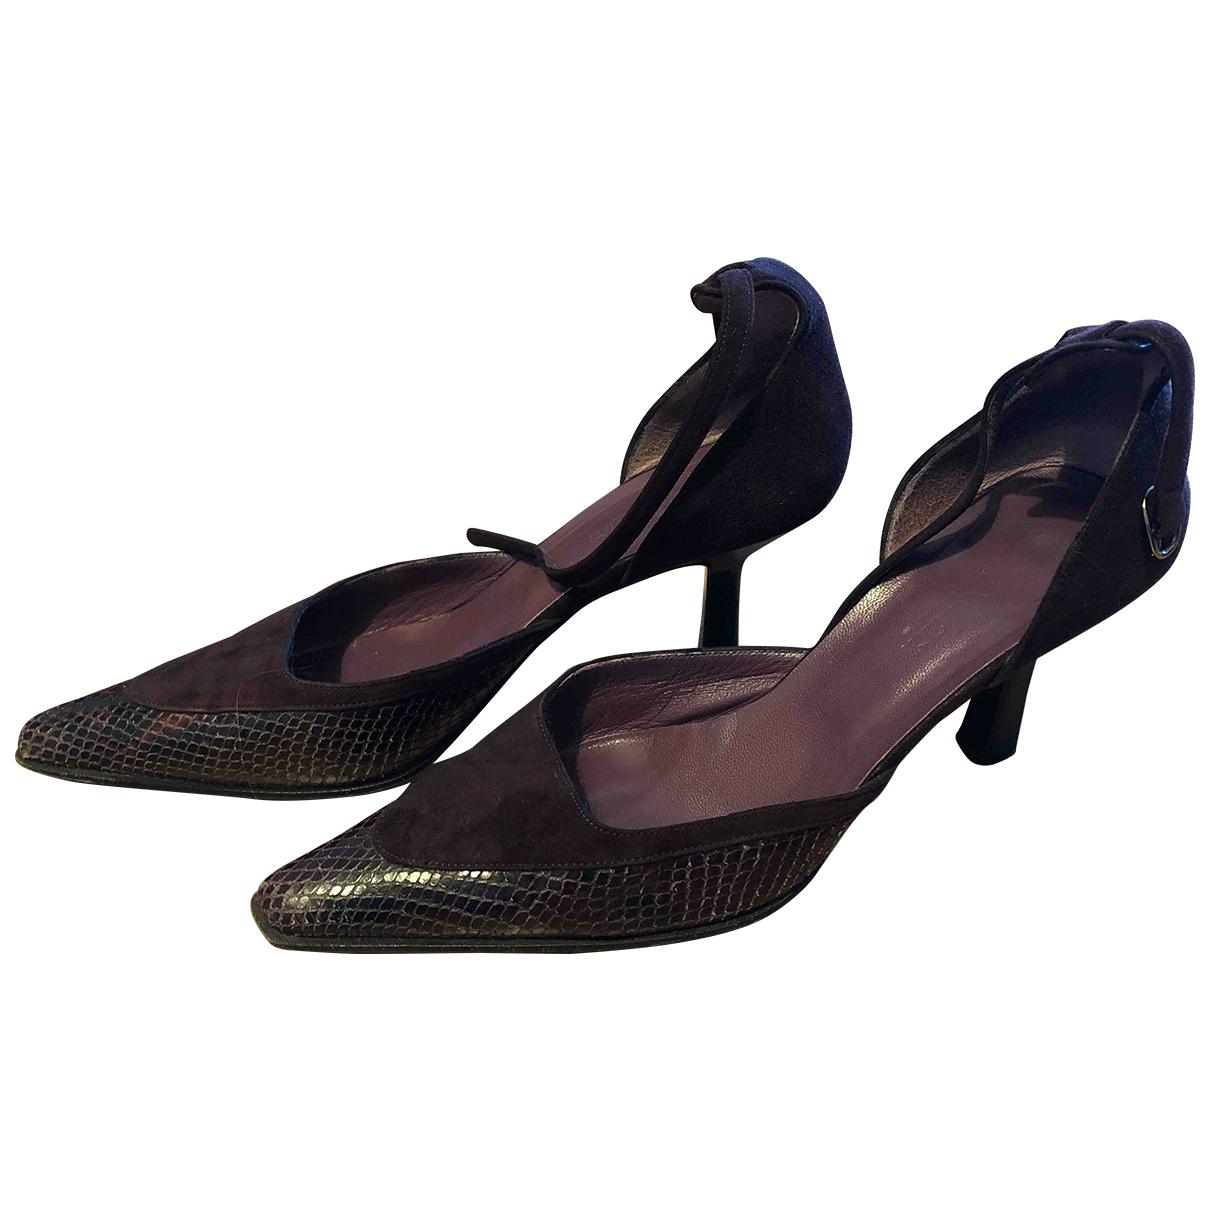 Max Mara \N Burgundy Leather Heels for Women 40 EU